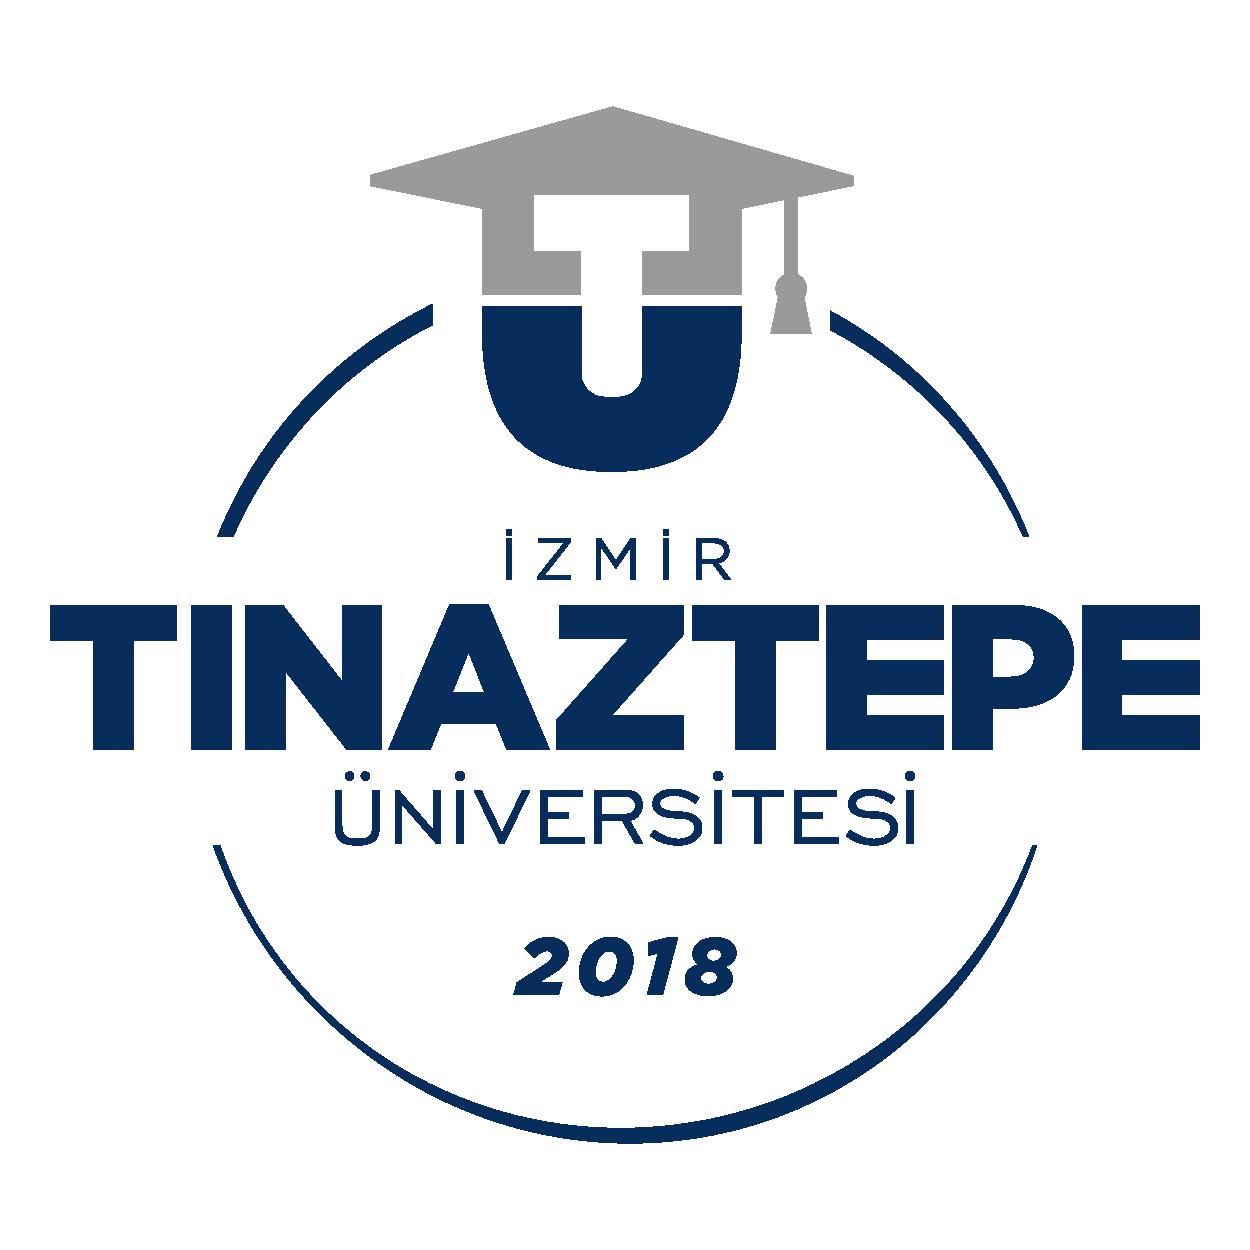 İzmir Tınaztepe Üniversitesi Logo png